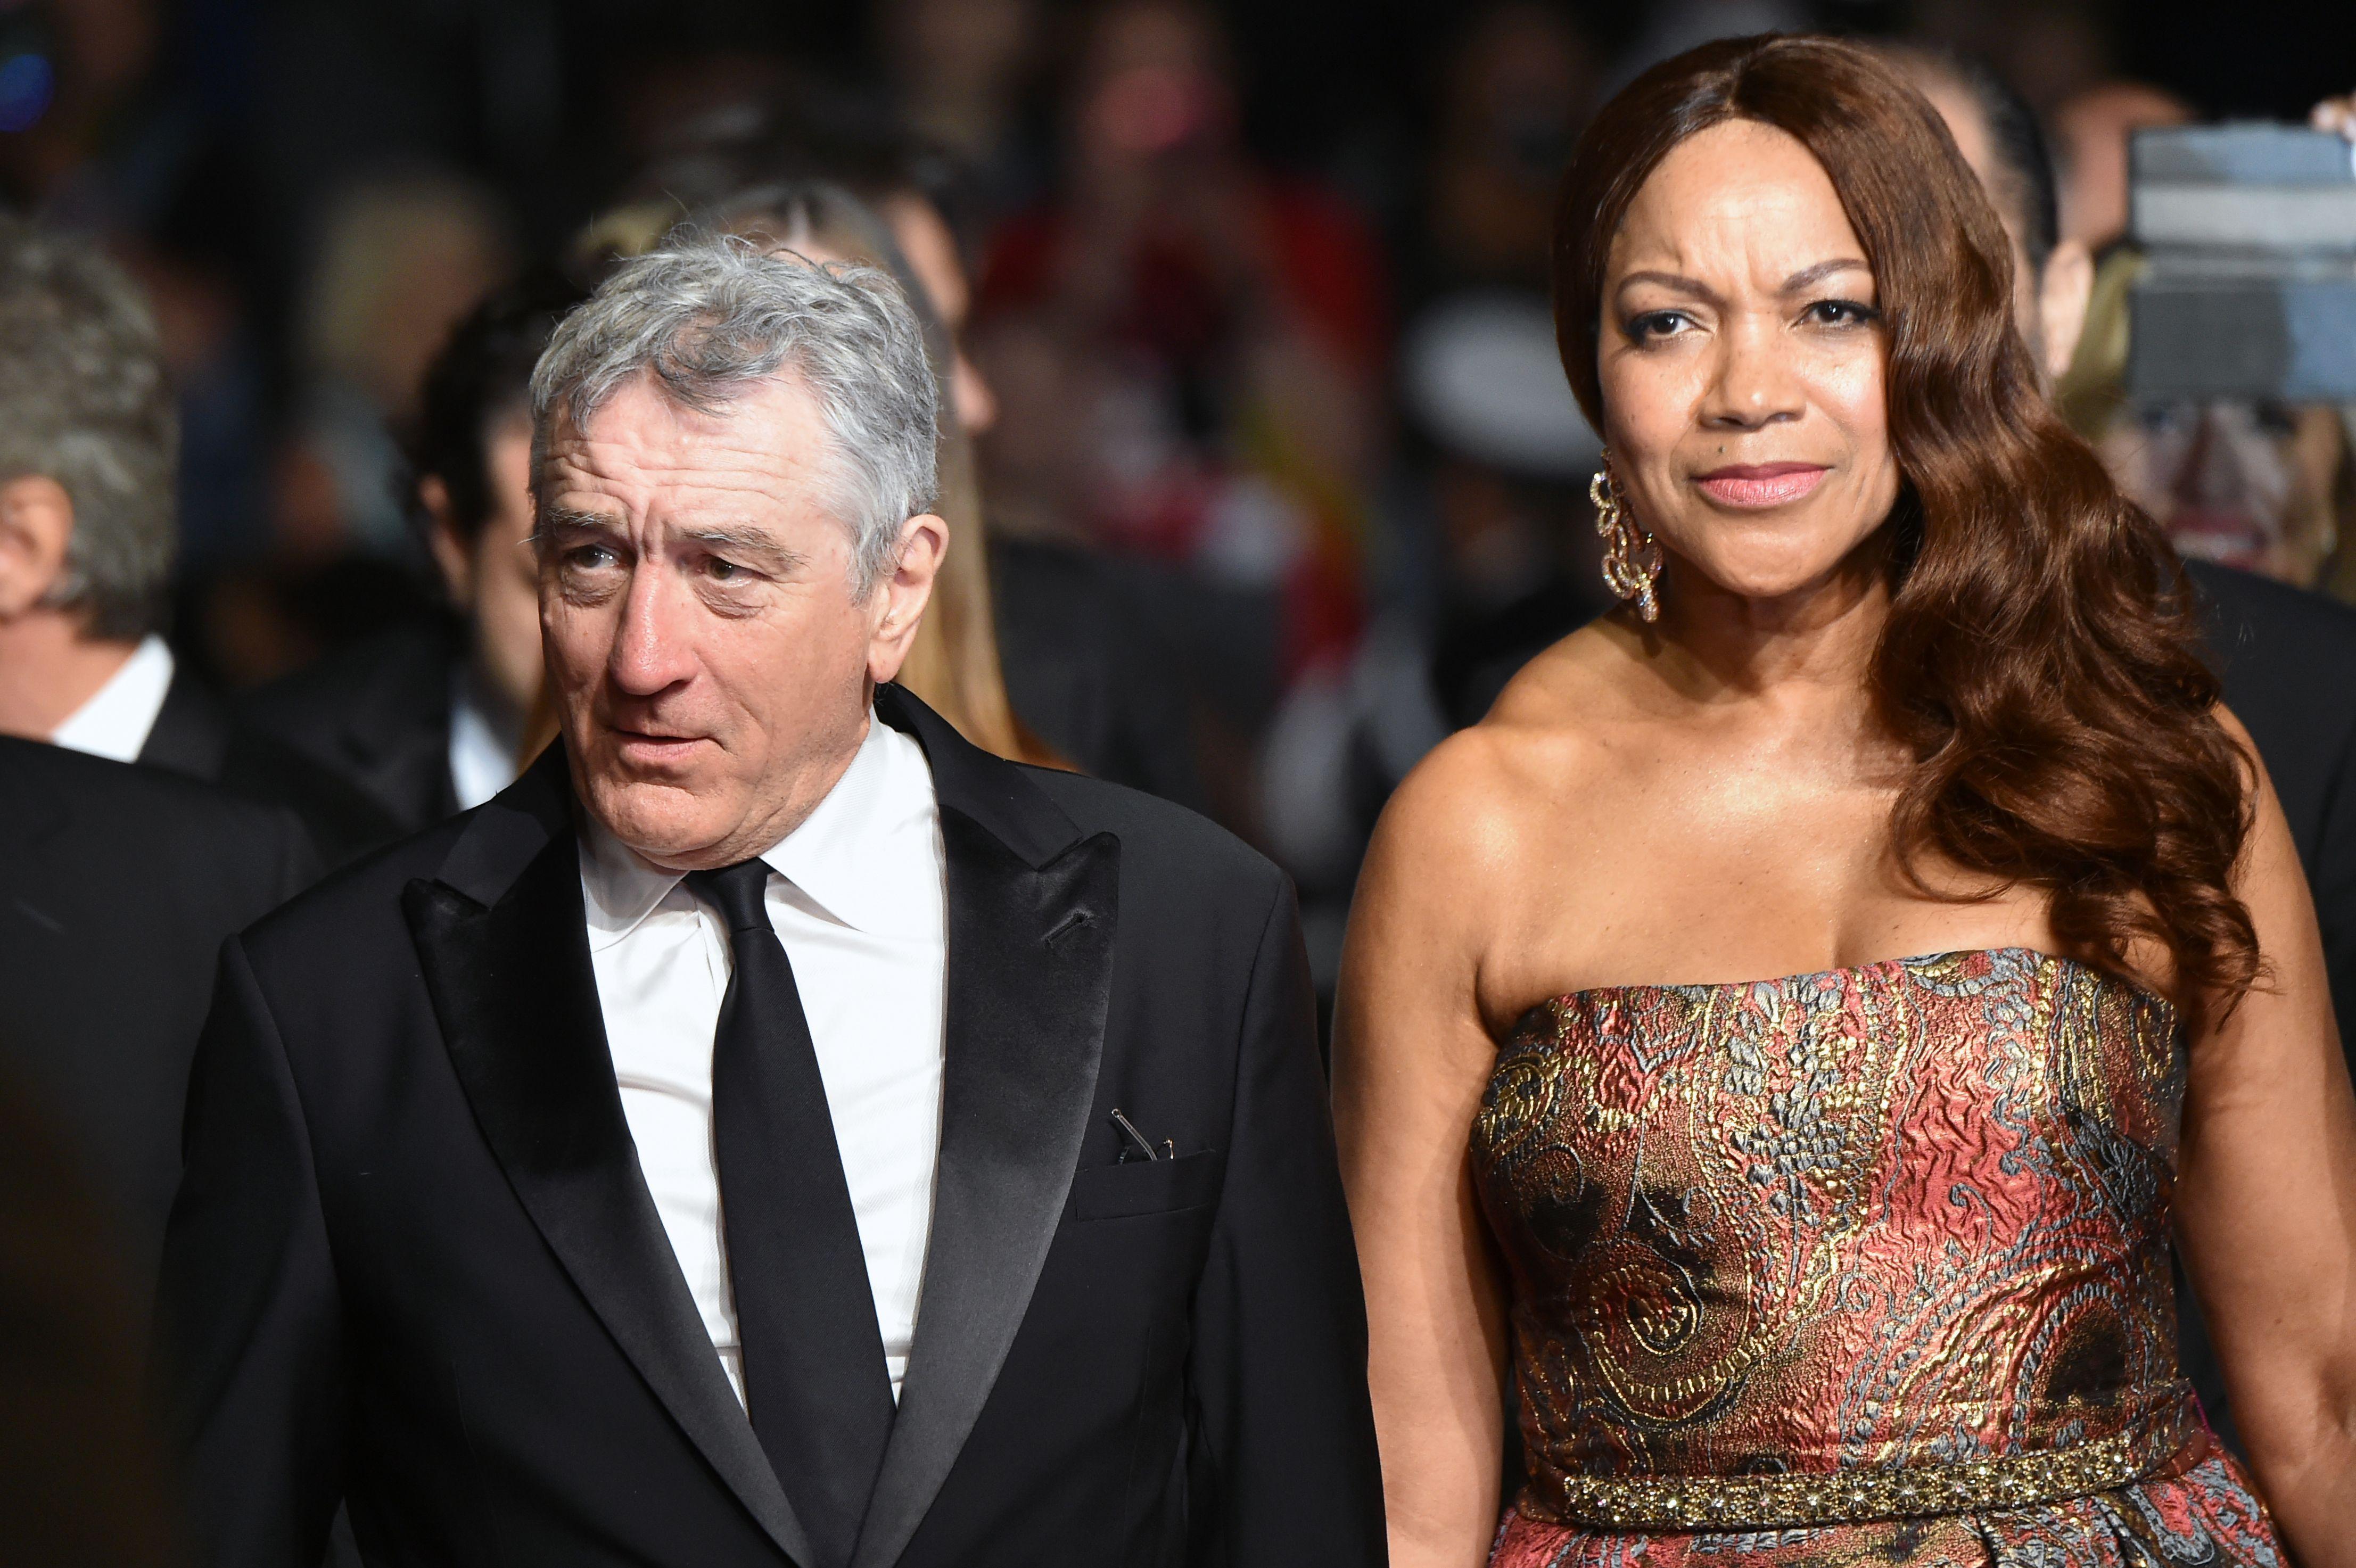 Robert De Niro rovinato dalla pandemia? La moglie lo porta in tribunale